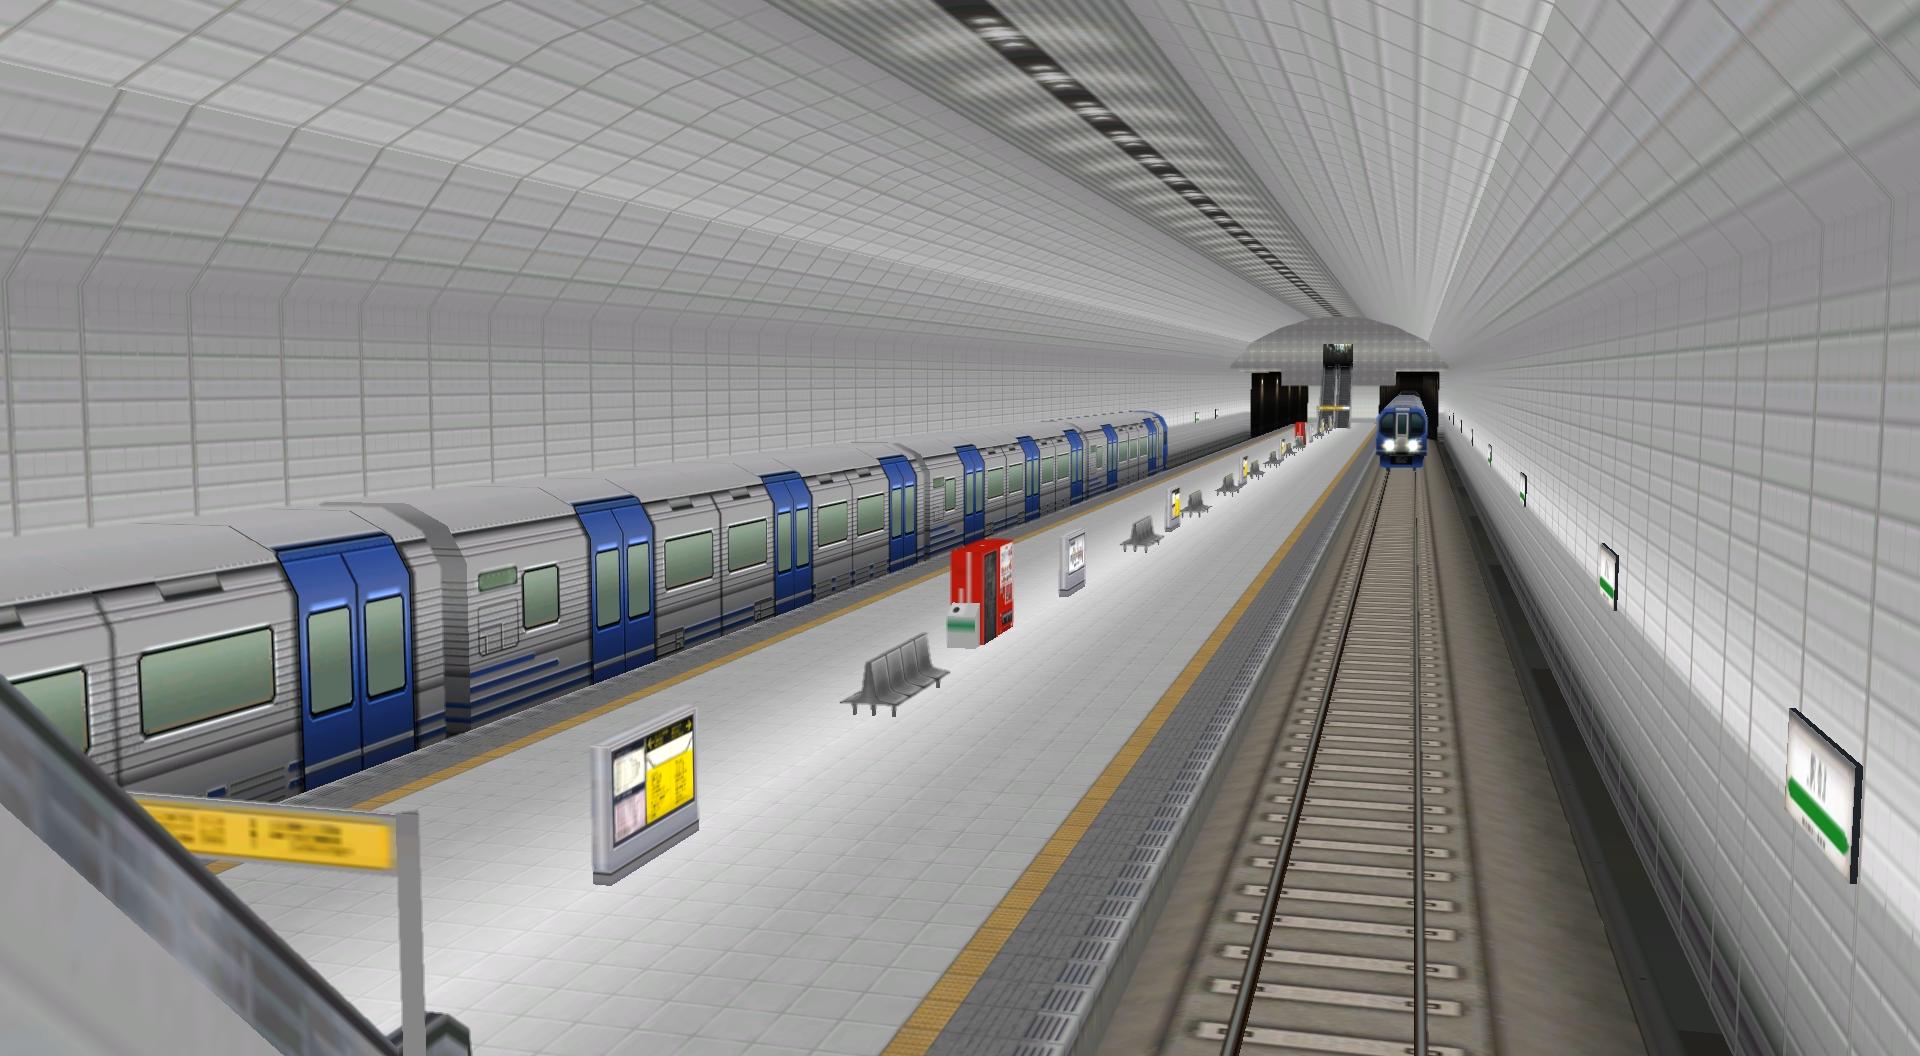 地上駅や地下鉄駅、橋梁といった新たな交通施設のバリエーションが充実。橋上駅や地下鉄駅、駅ビルなど、さらに発展を遂げる駅を収録